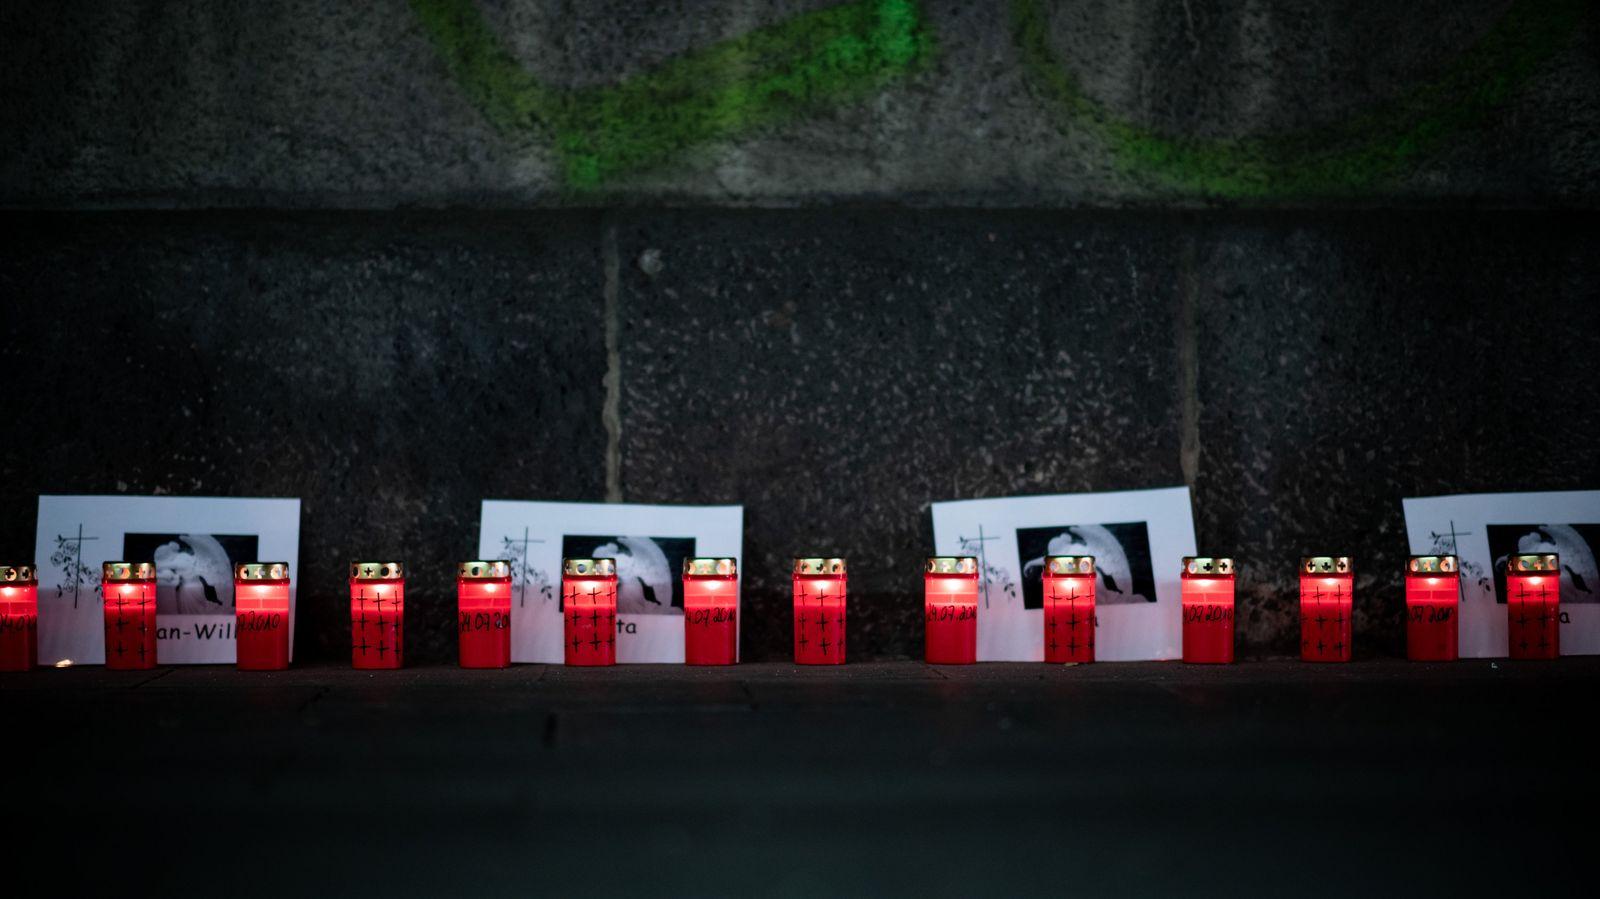 «Nacht der 1000 Lichter» zum 10. Jahrestag der Loveparade